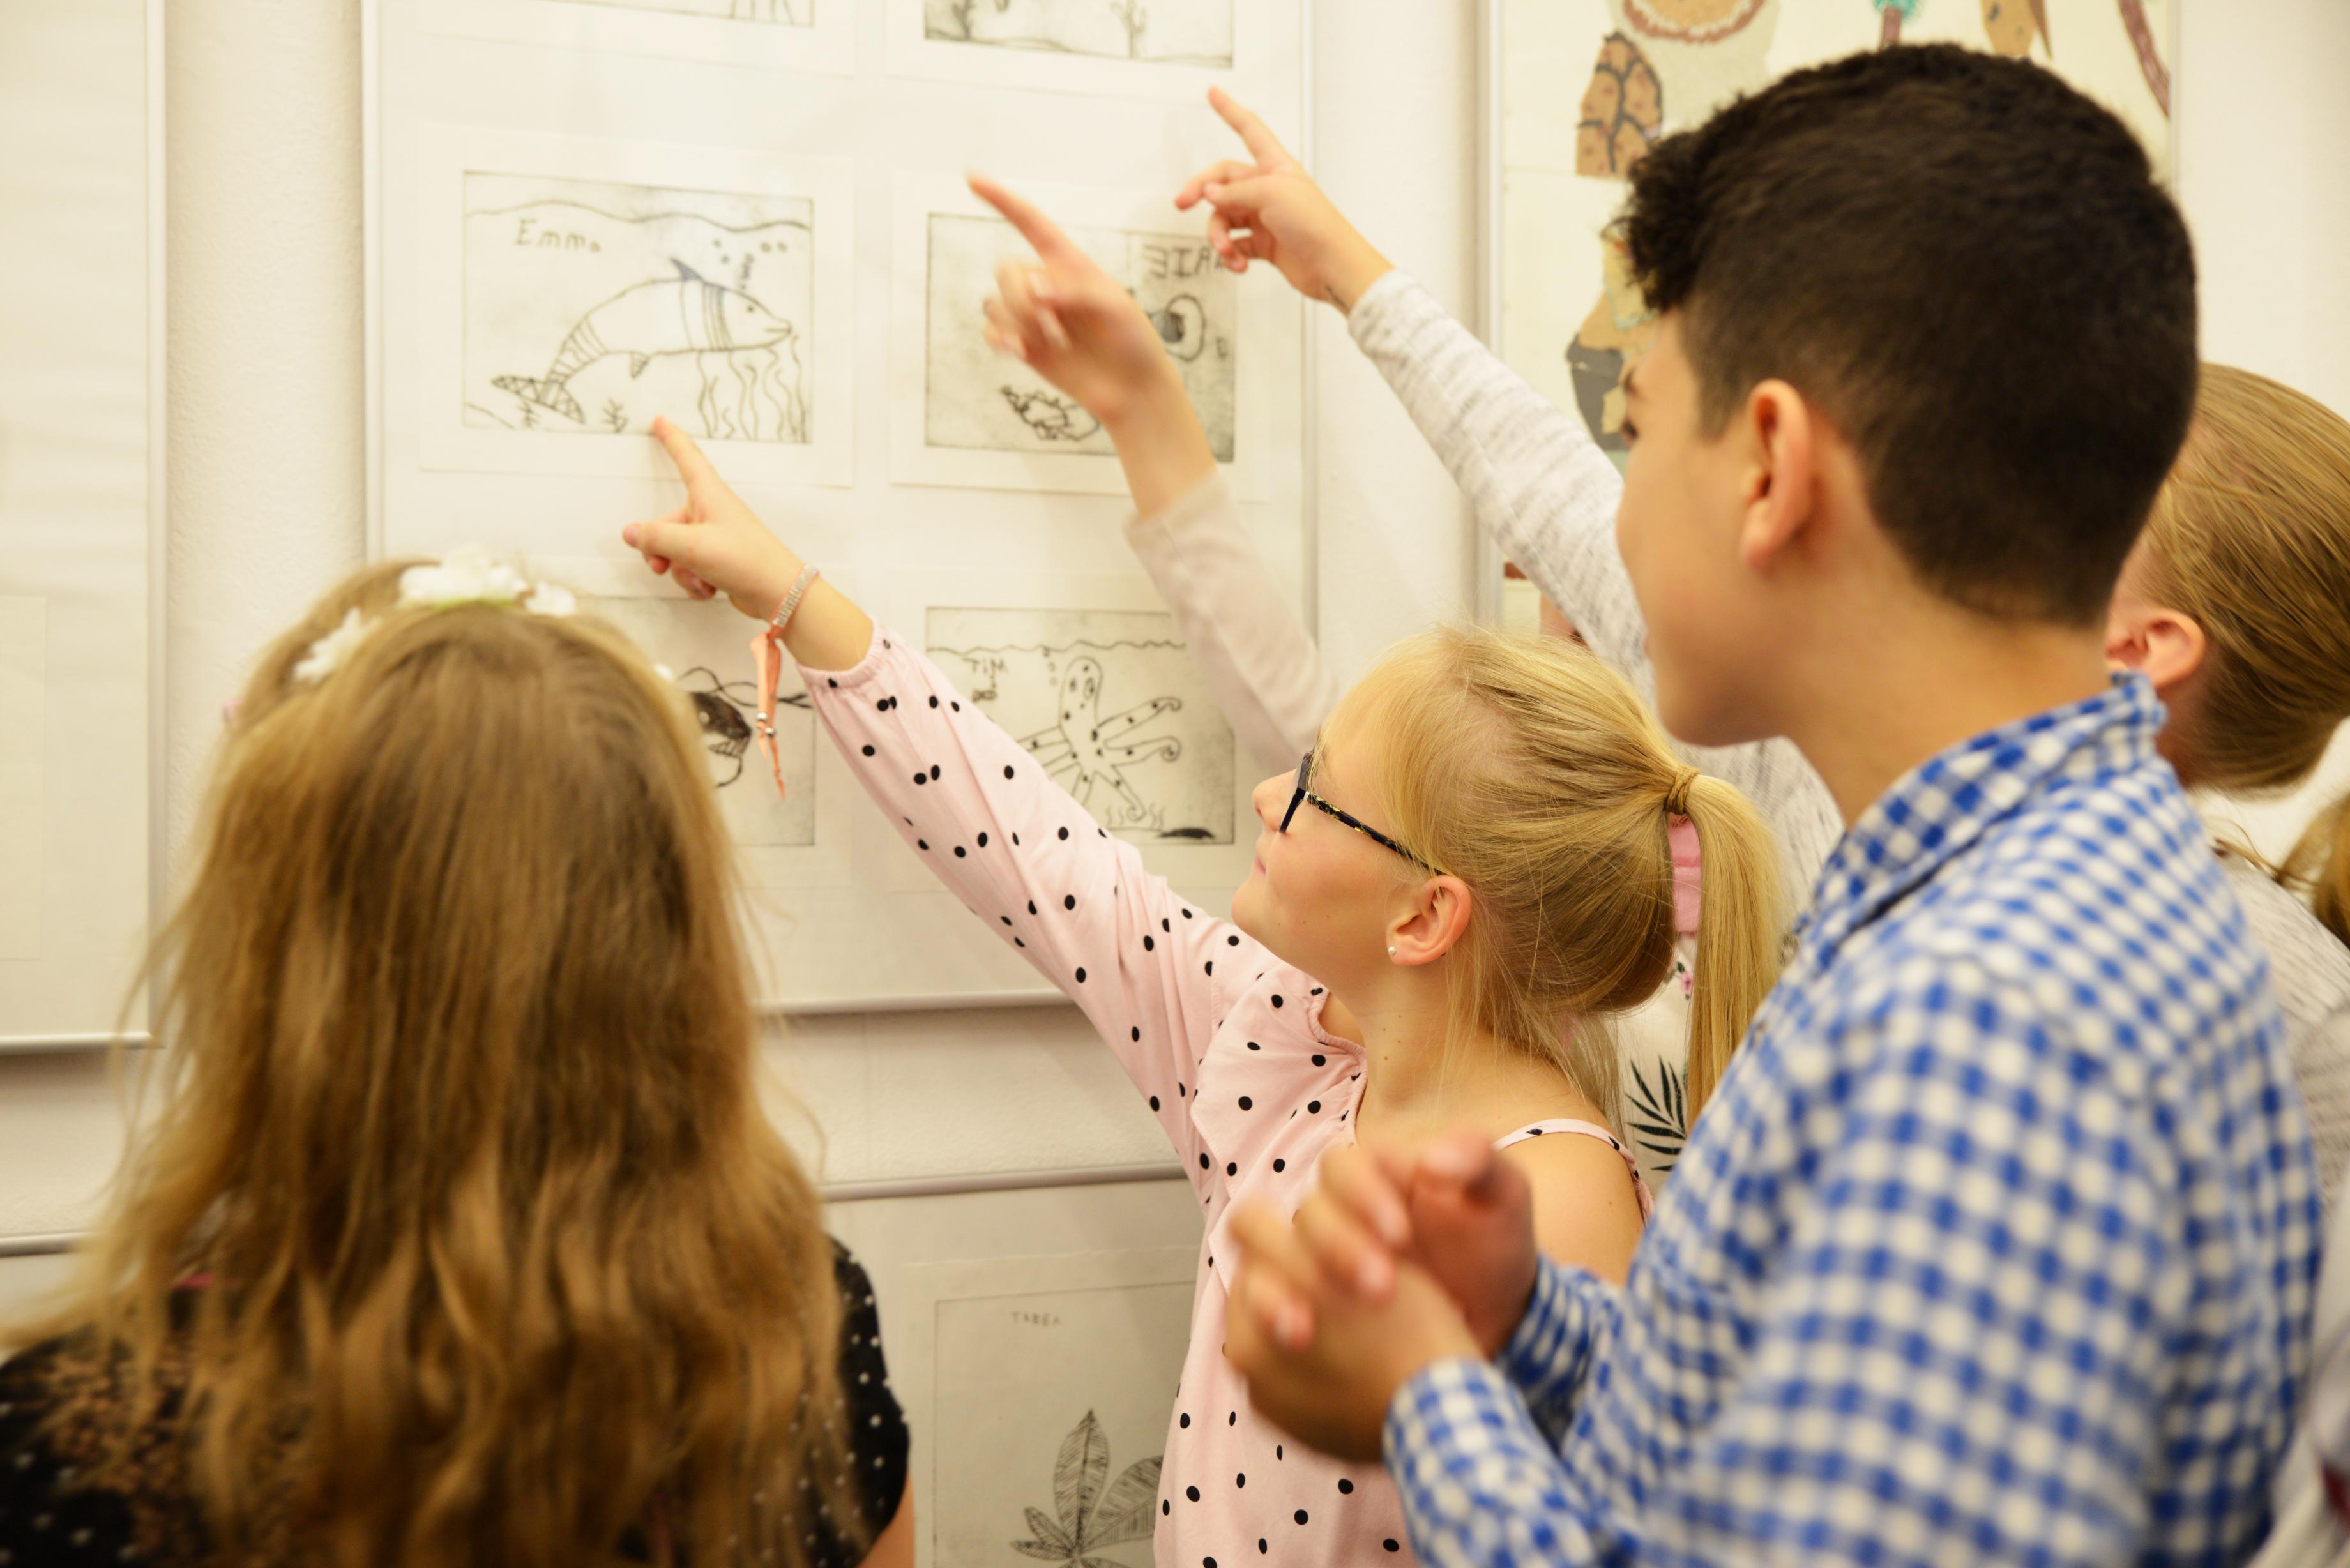 Kinder zeigen ihre Kunstwerke in der Ausstellung